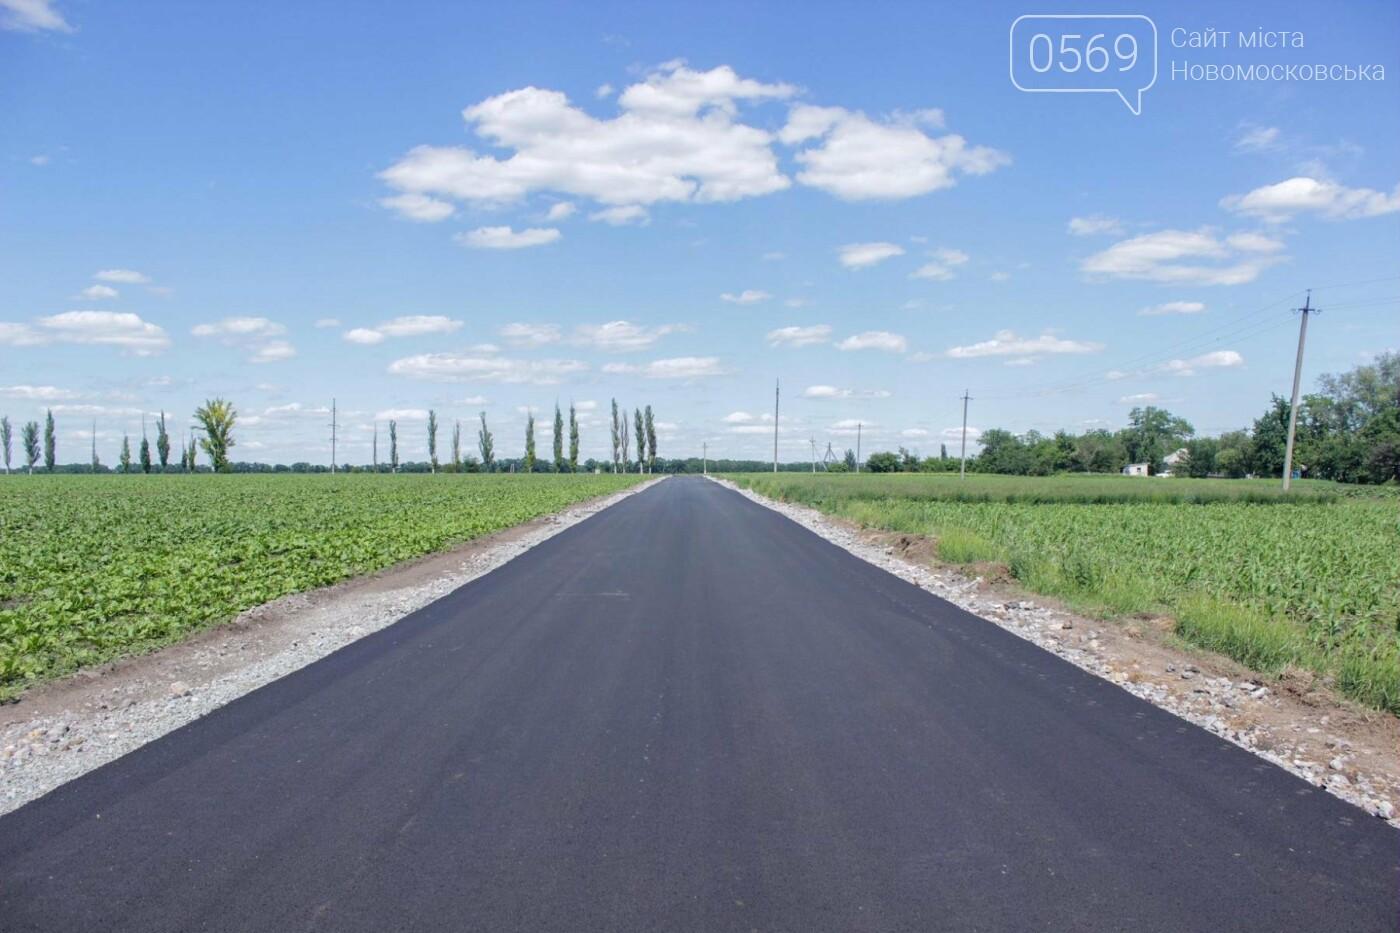 В селе на Новомосковщине отремонтировали две дороги, фото-4